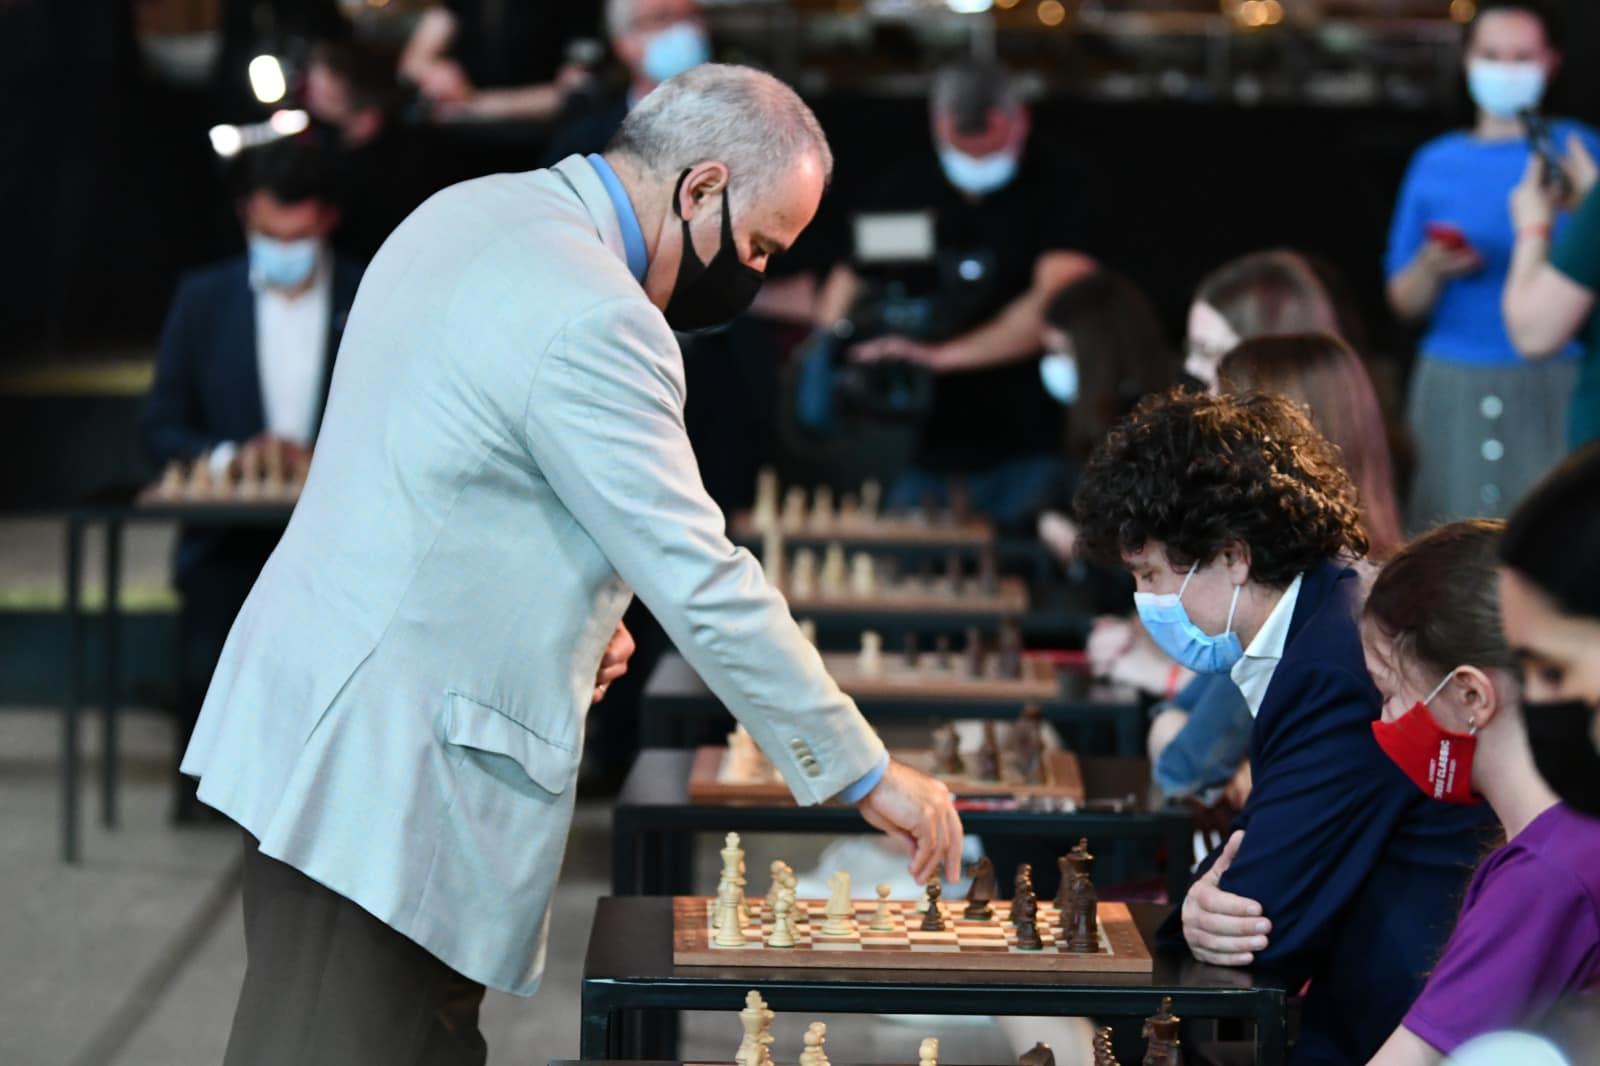 Nicușor Dan a jucat șah alături de Garry Kasparov. Totul a avut loc la deschiderea turneului de șah Superbet Chess Classic Romania 2021, la București